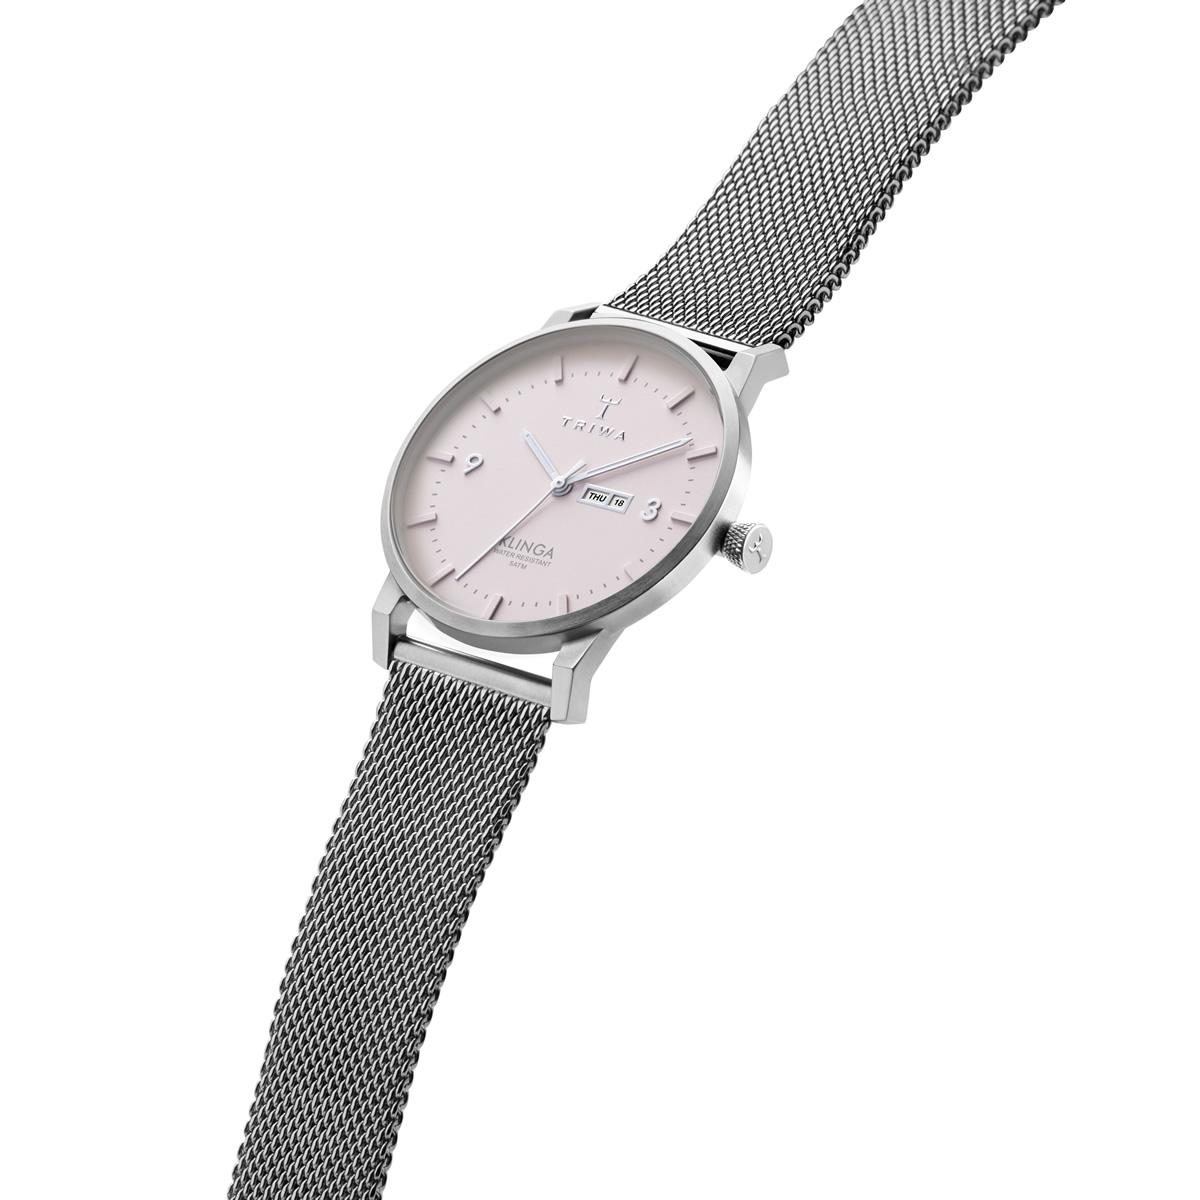 トリワ TRIWA 腕時計 メンズ レディース 日本限定モデル スカーレット クリンガ SCARLET KLINGA KLST112-ME021212【2018 新作】